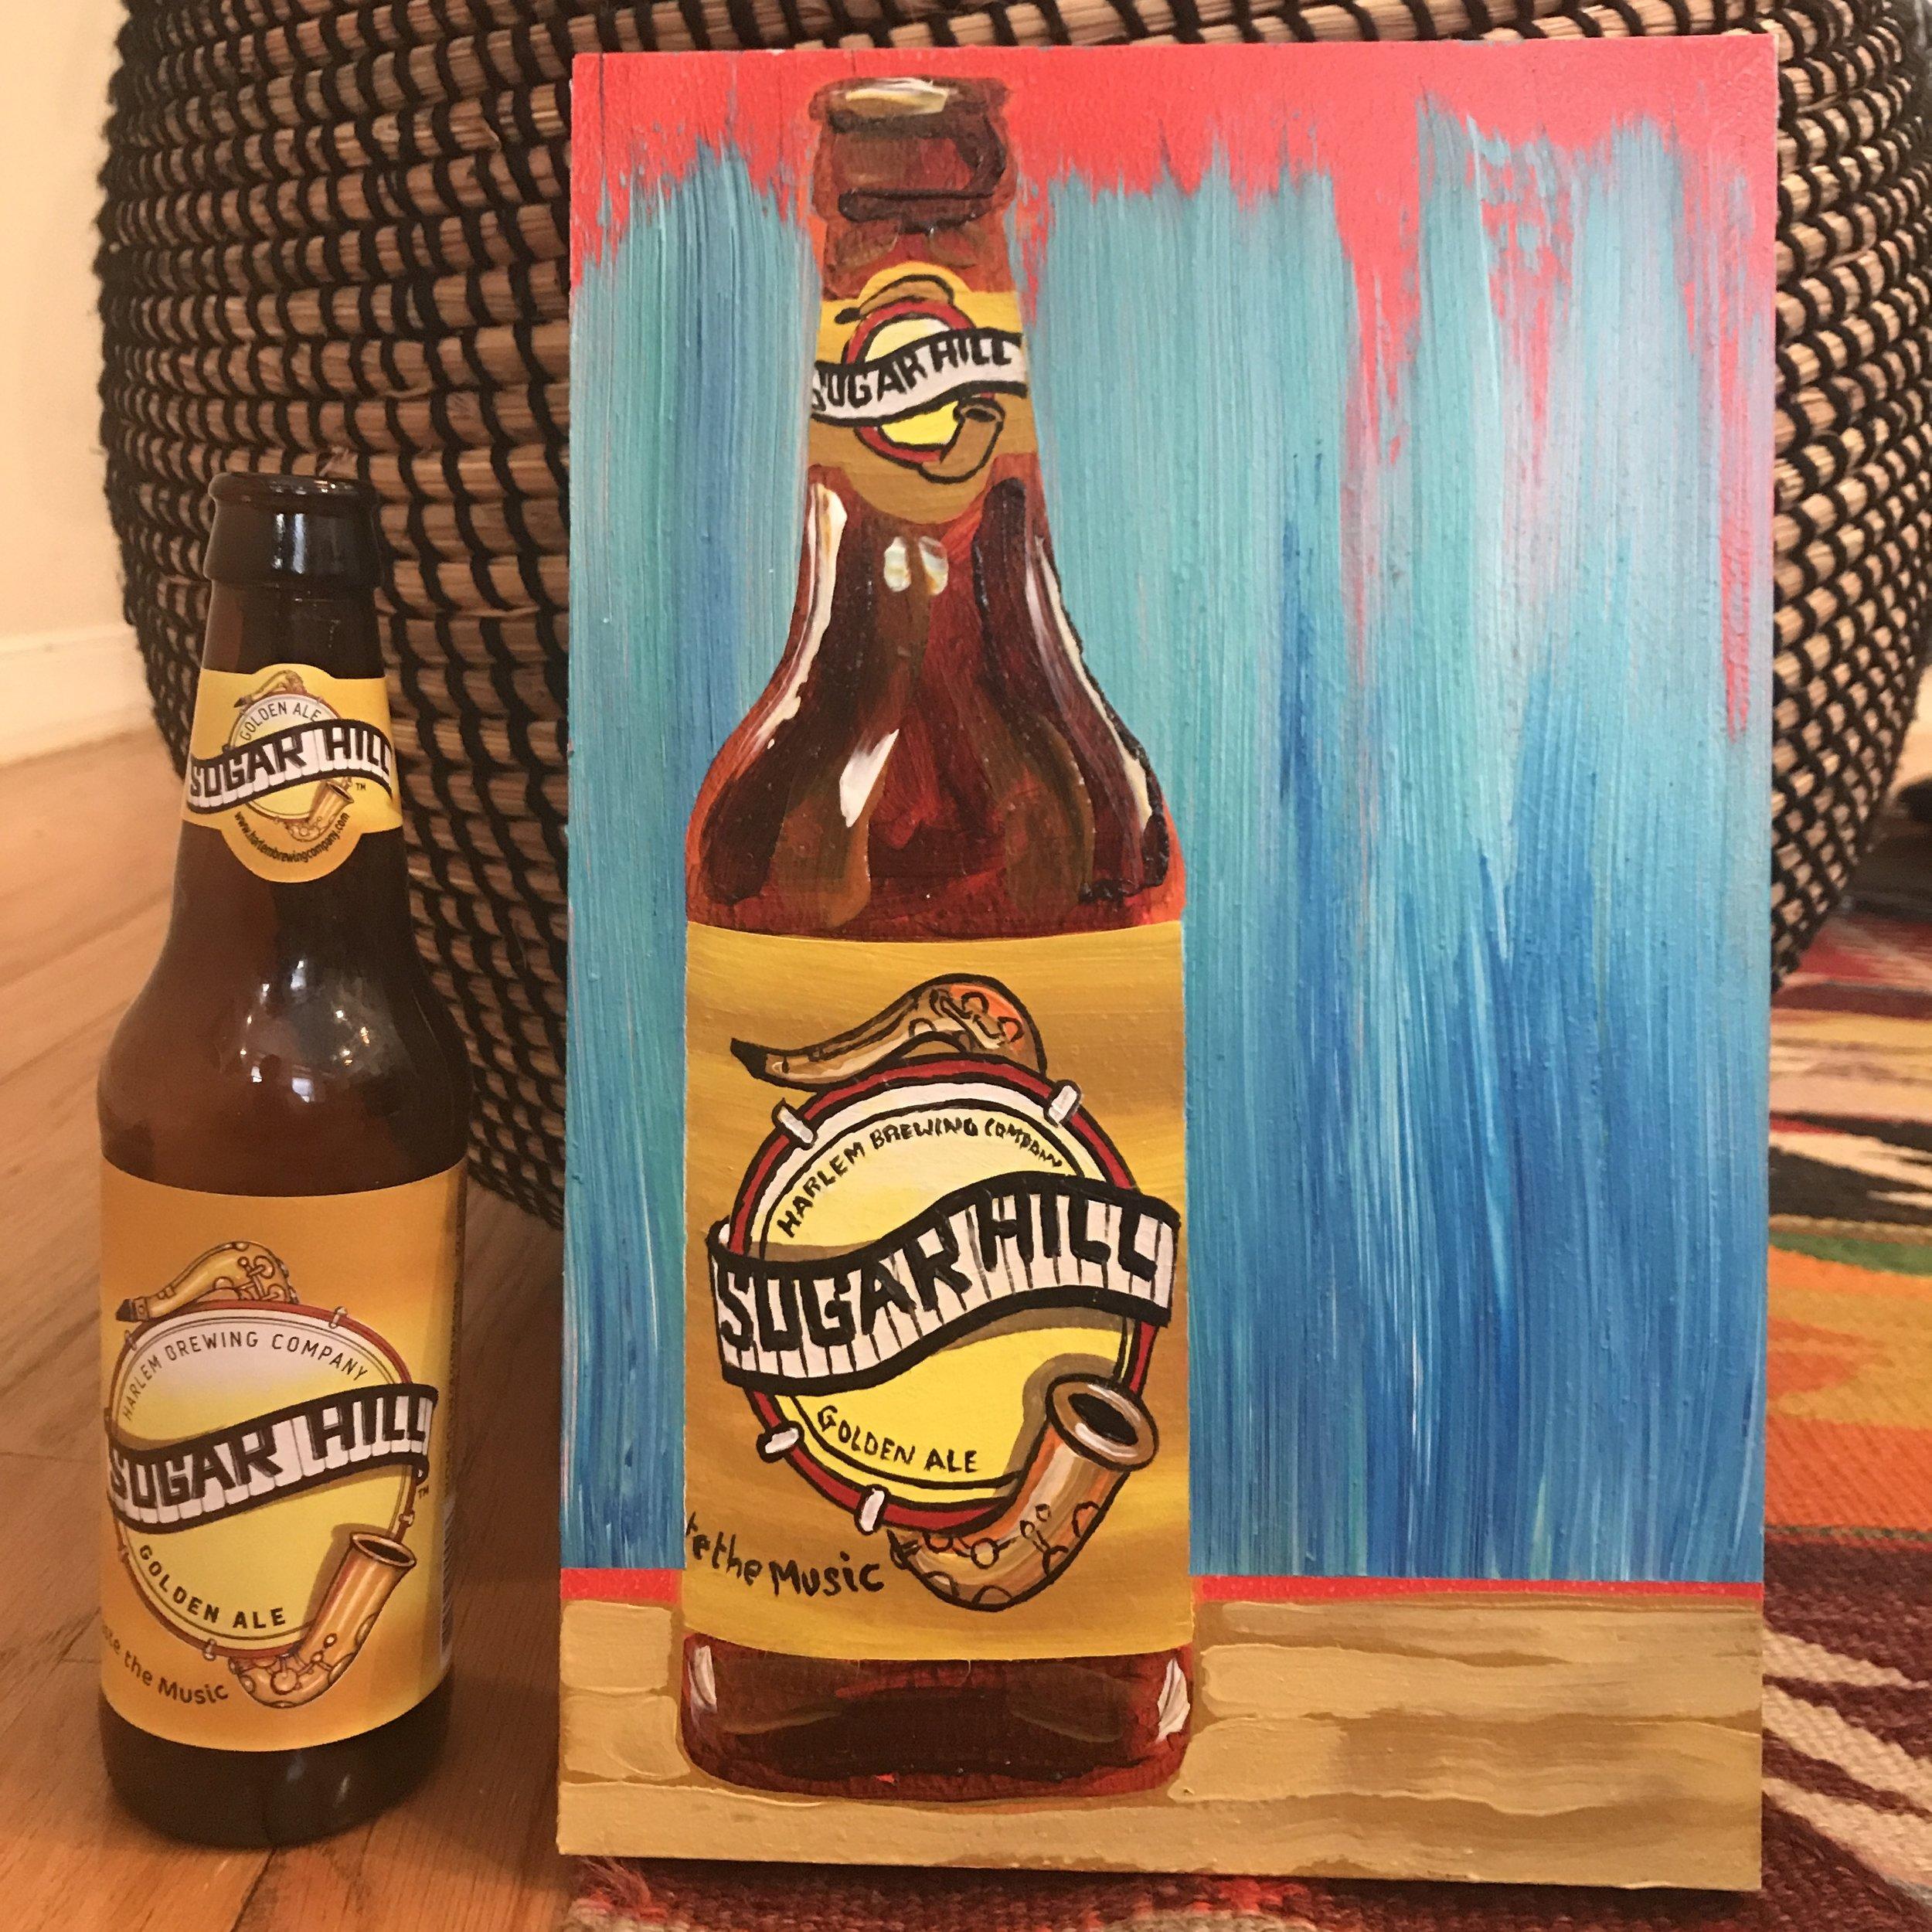 50 Harlem Brewing Sugar Hill Ale (USA)